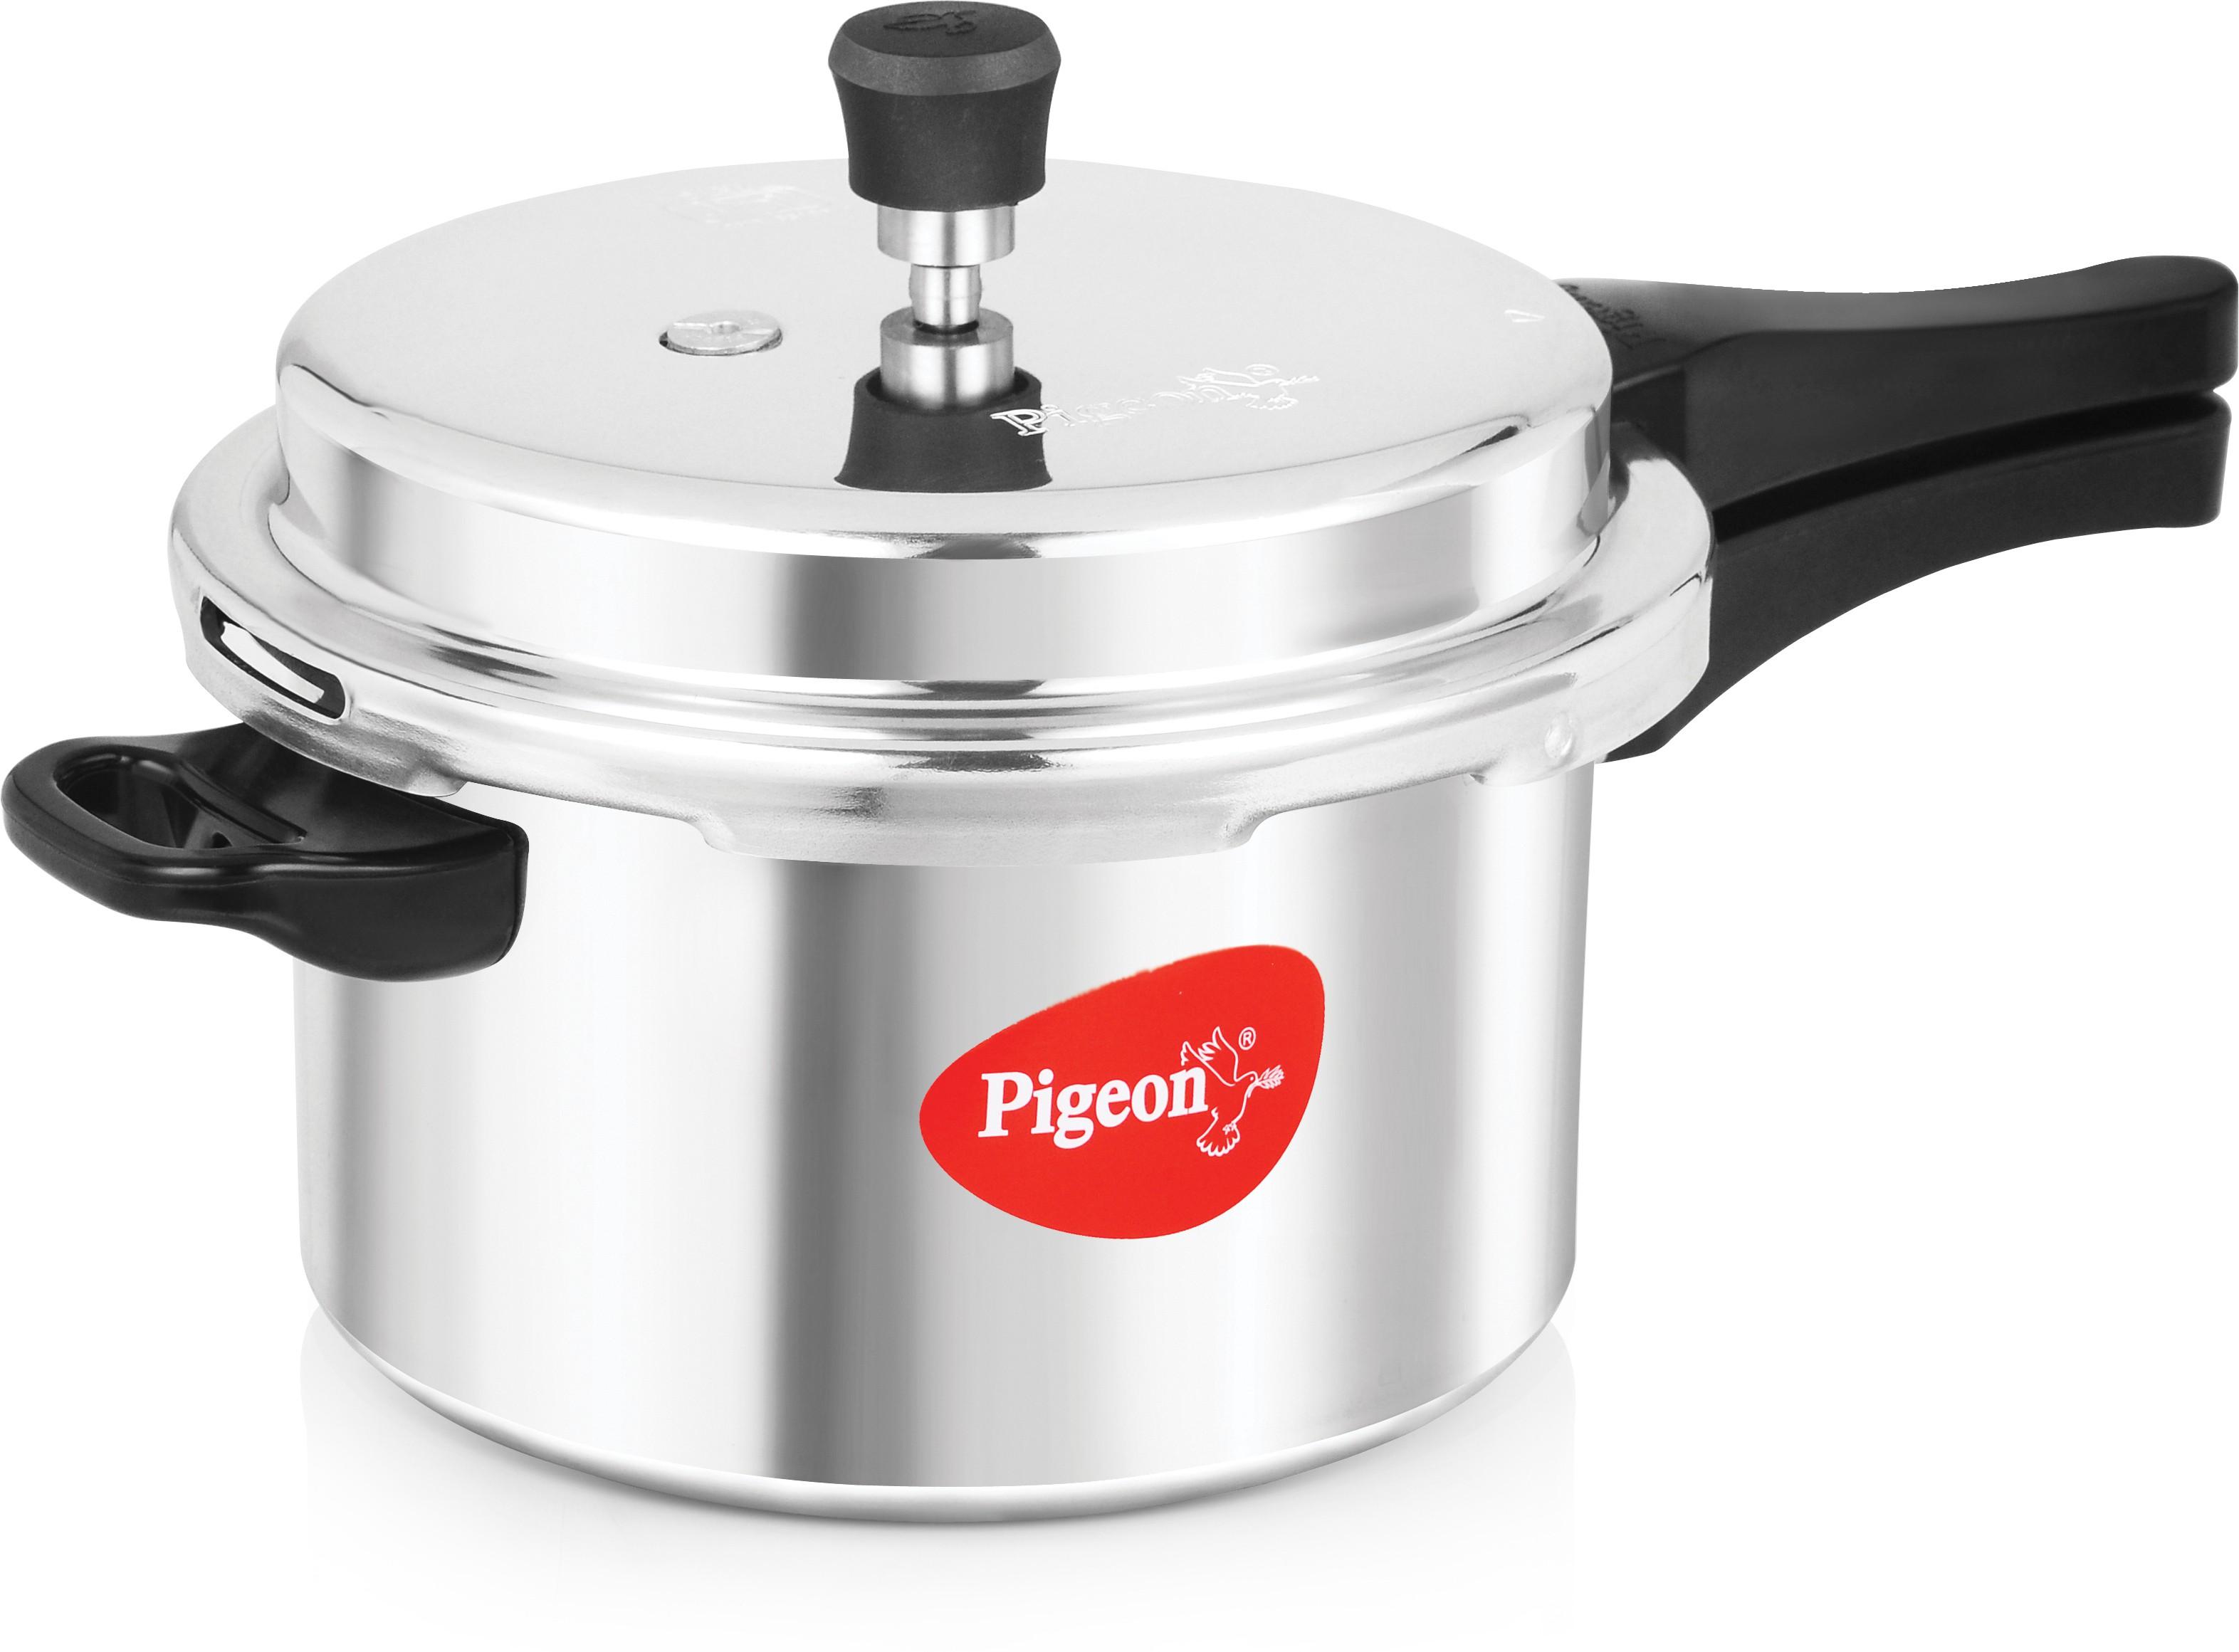 Pigeon Calida Deluxe 5 L Pressure Cooker Flipkart